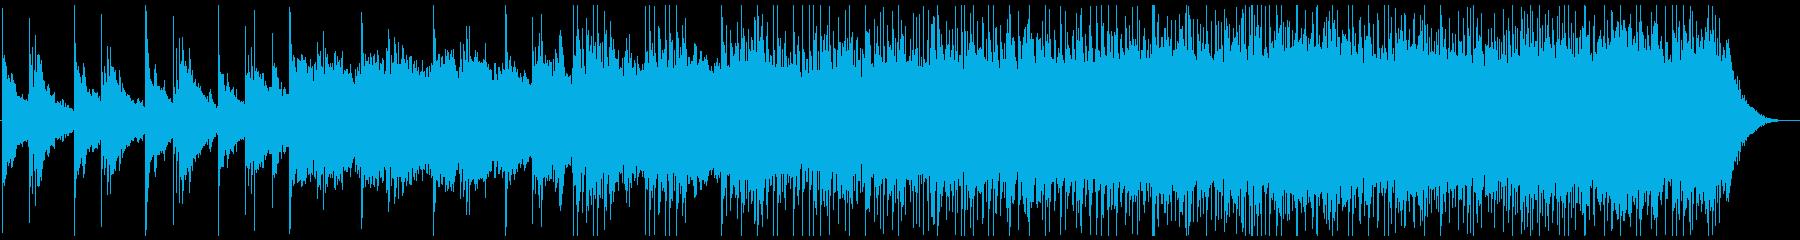 空虚・孤独を表現したピアノと電子音の再生済みの波形